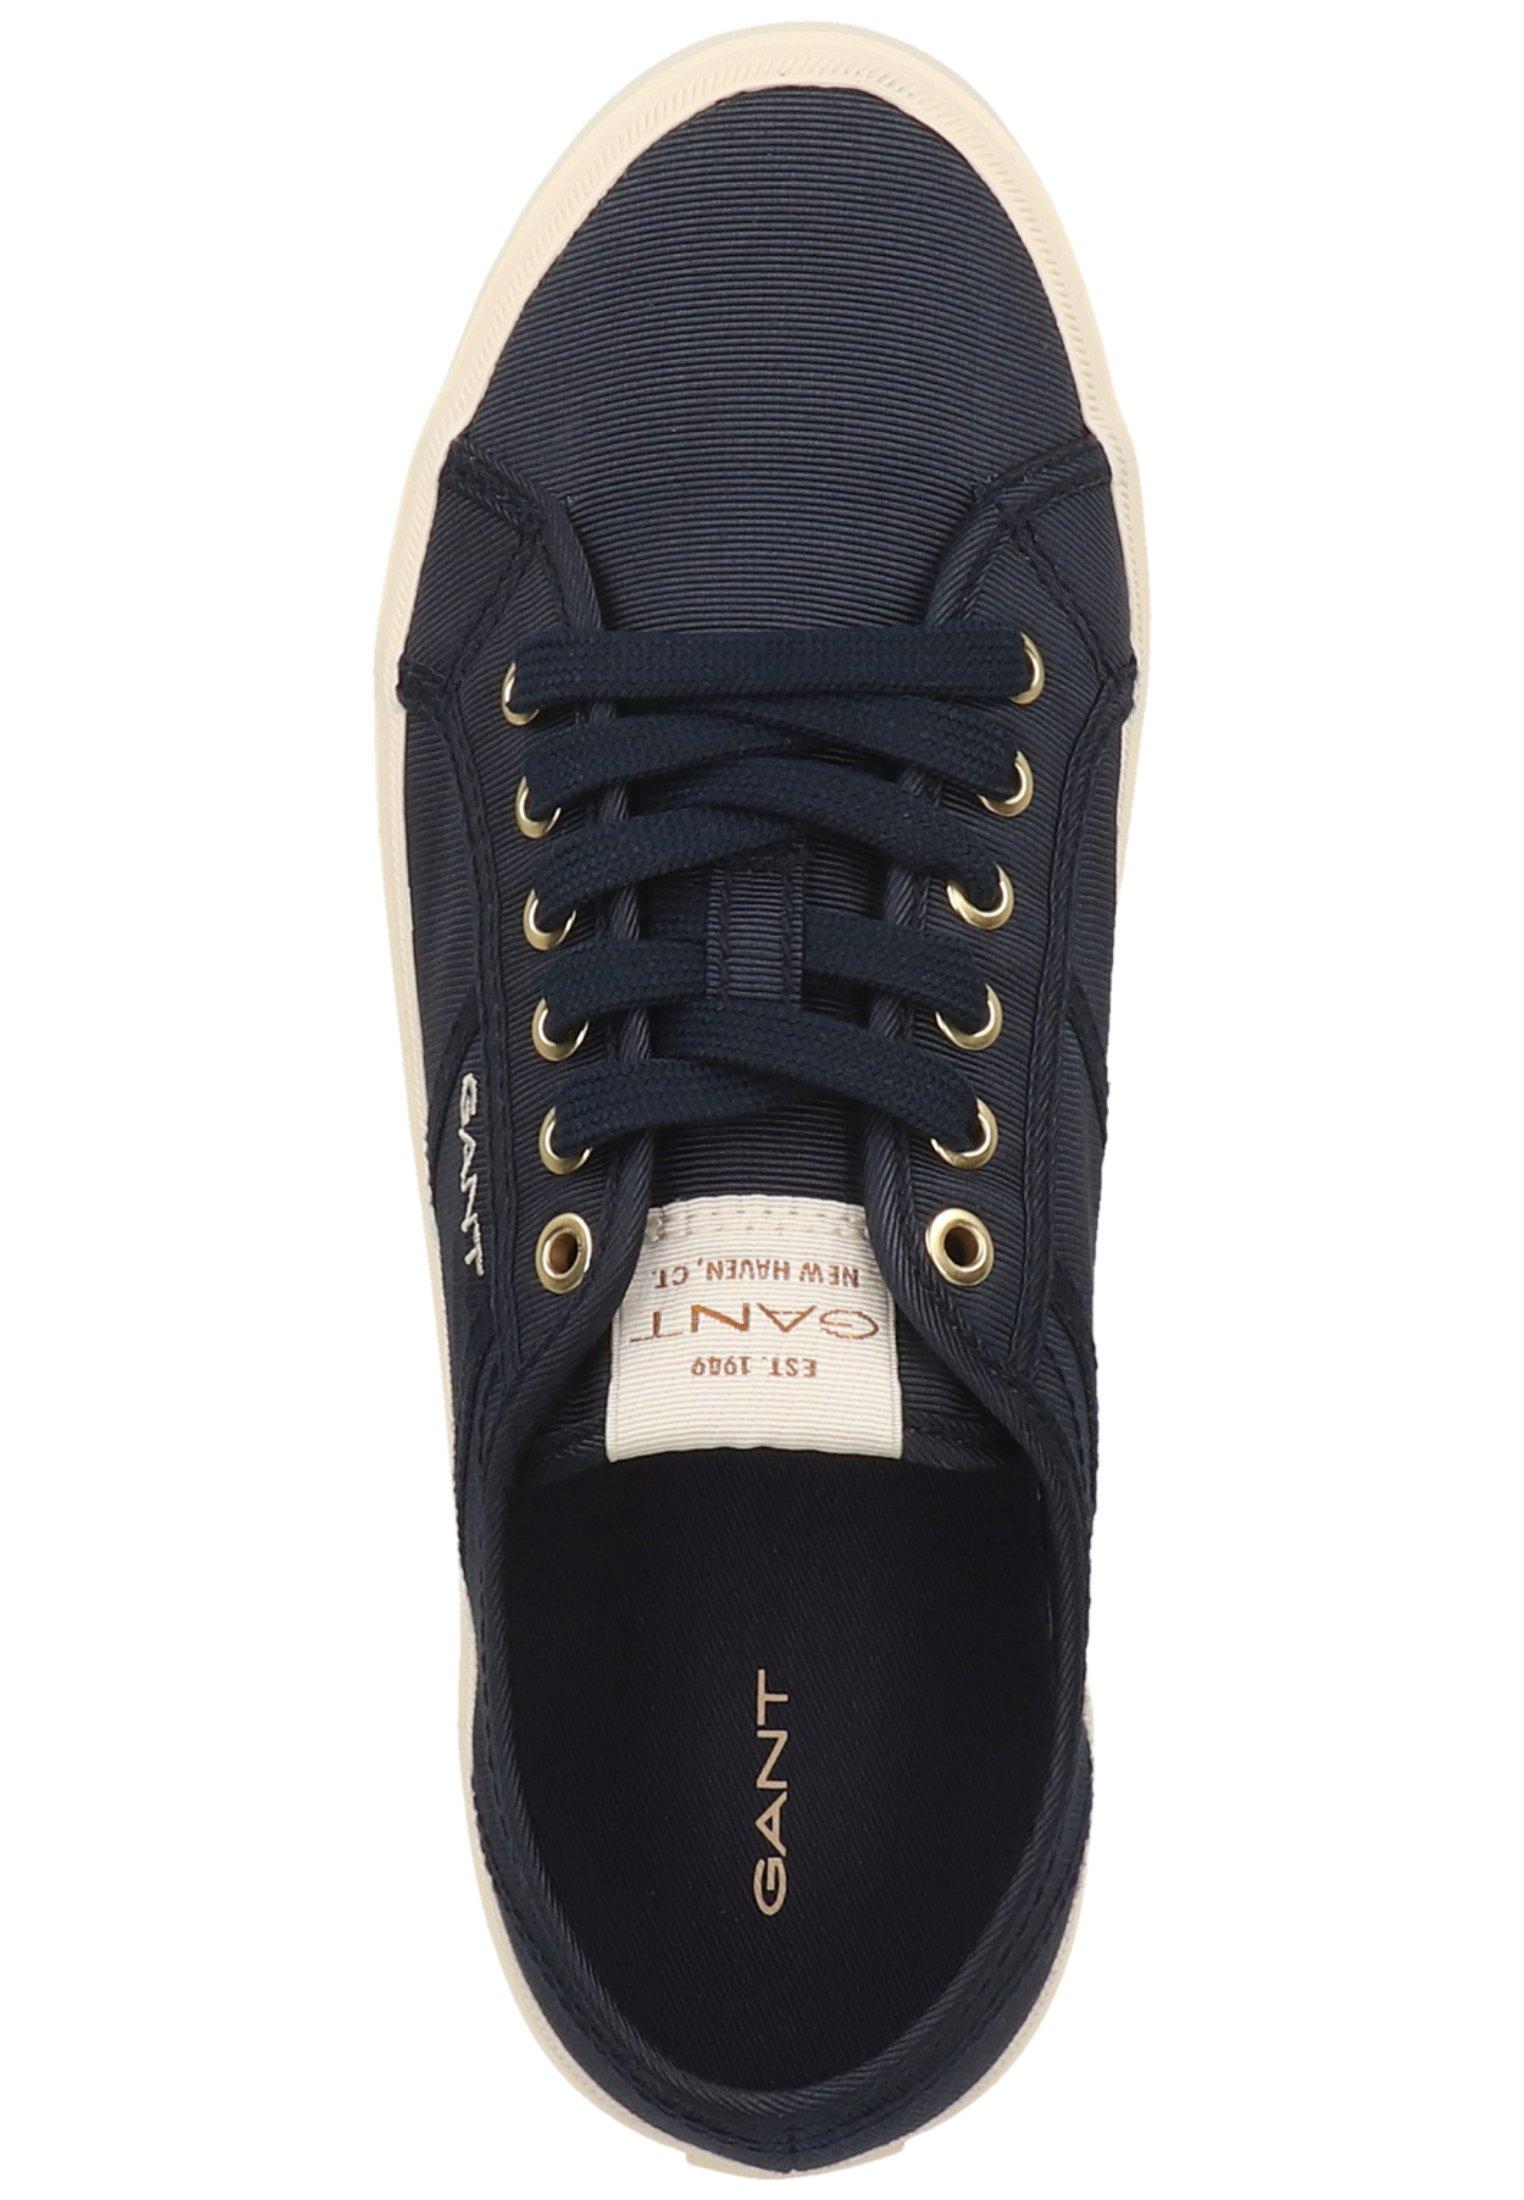 PINESTREET Sneakers marine g69